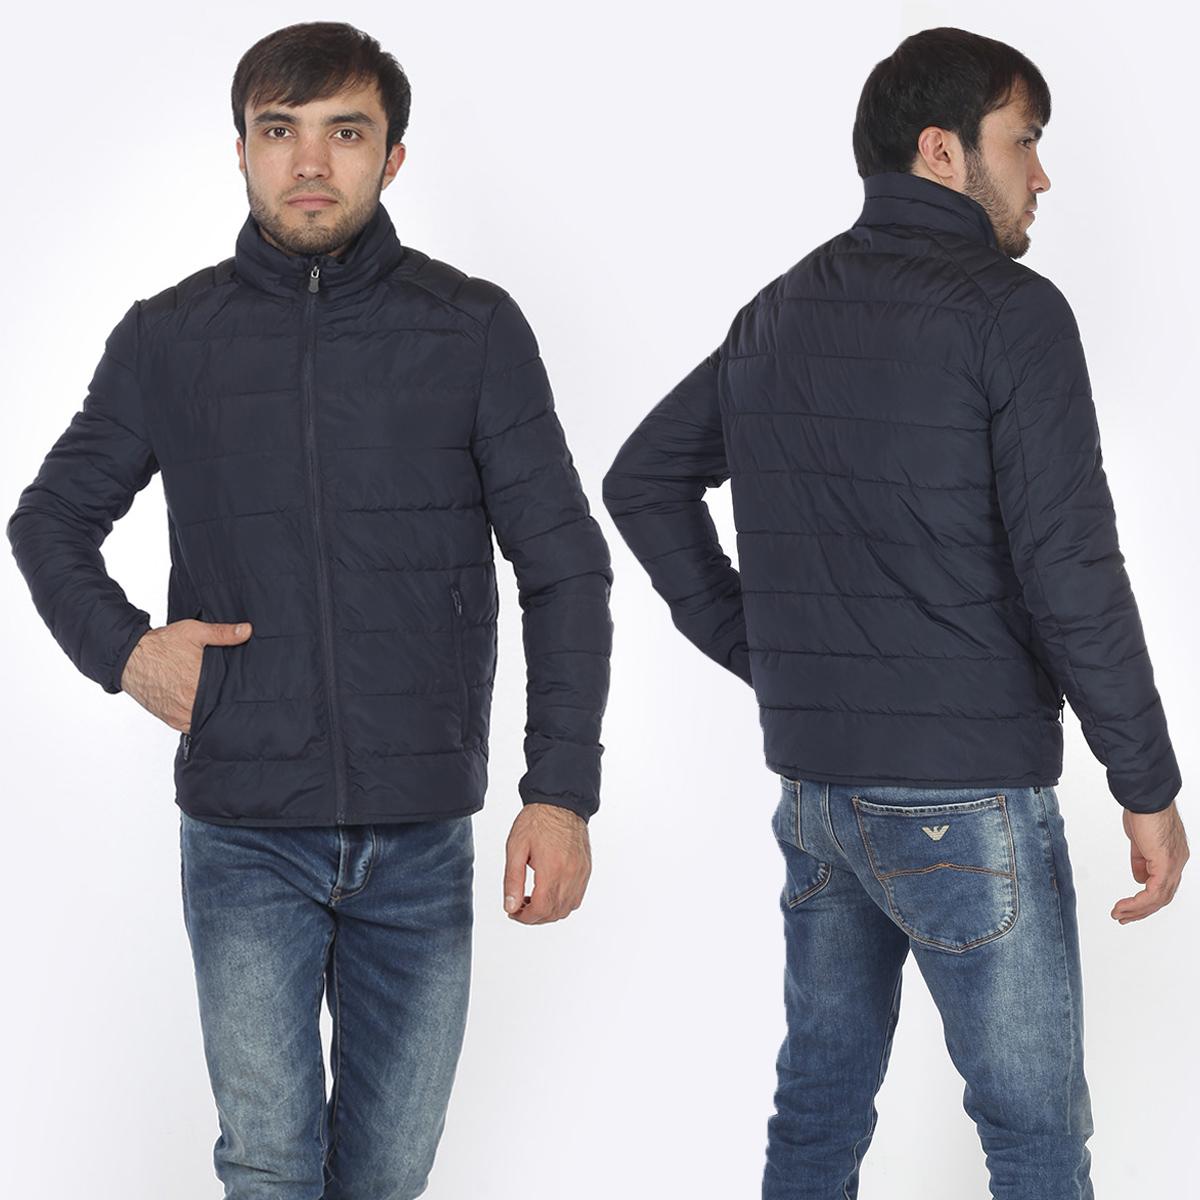 Практичная итальянская куртка от J. HART & BROS